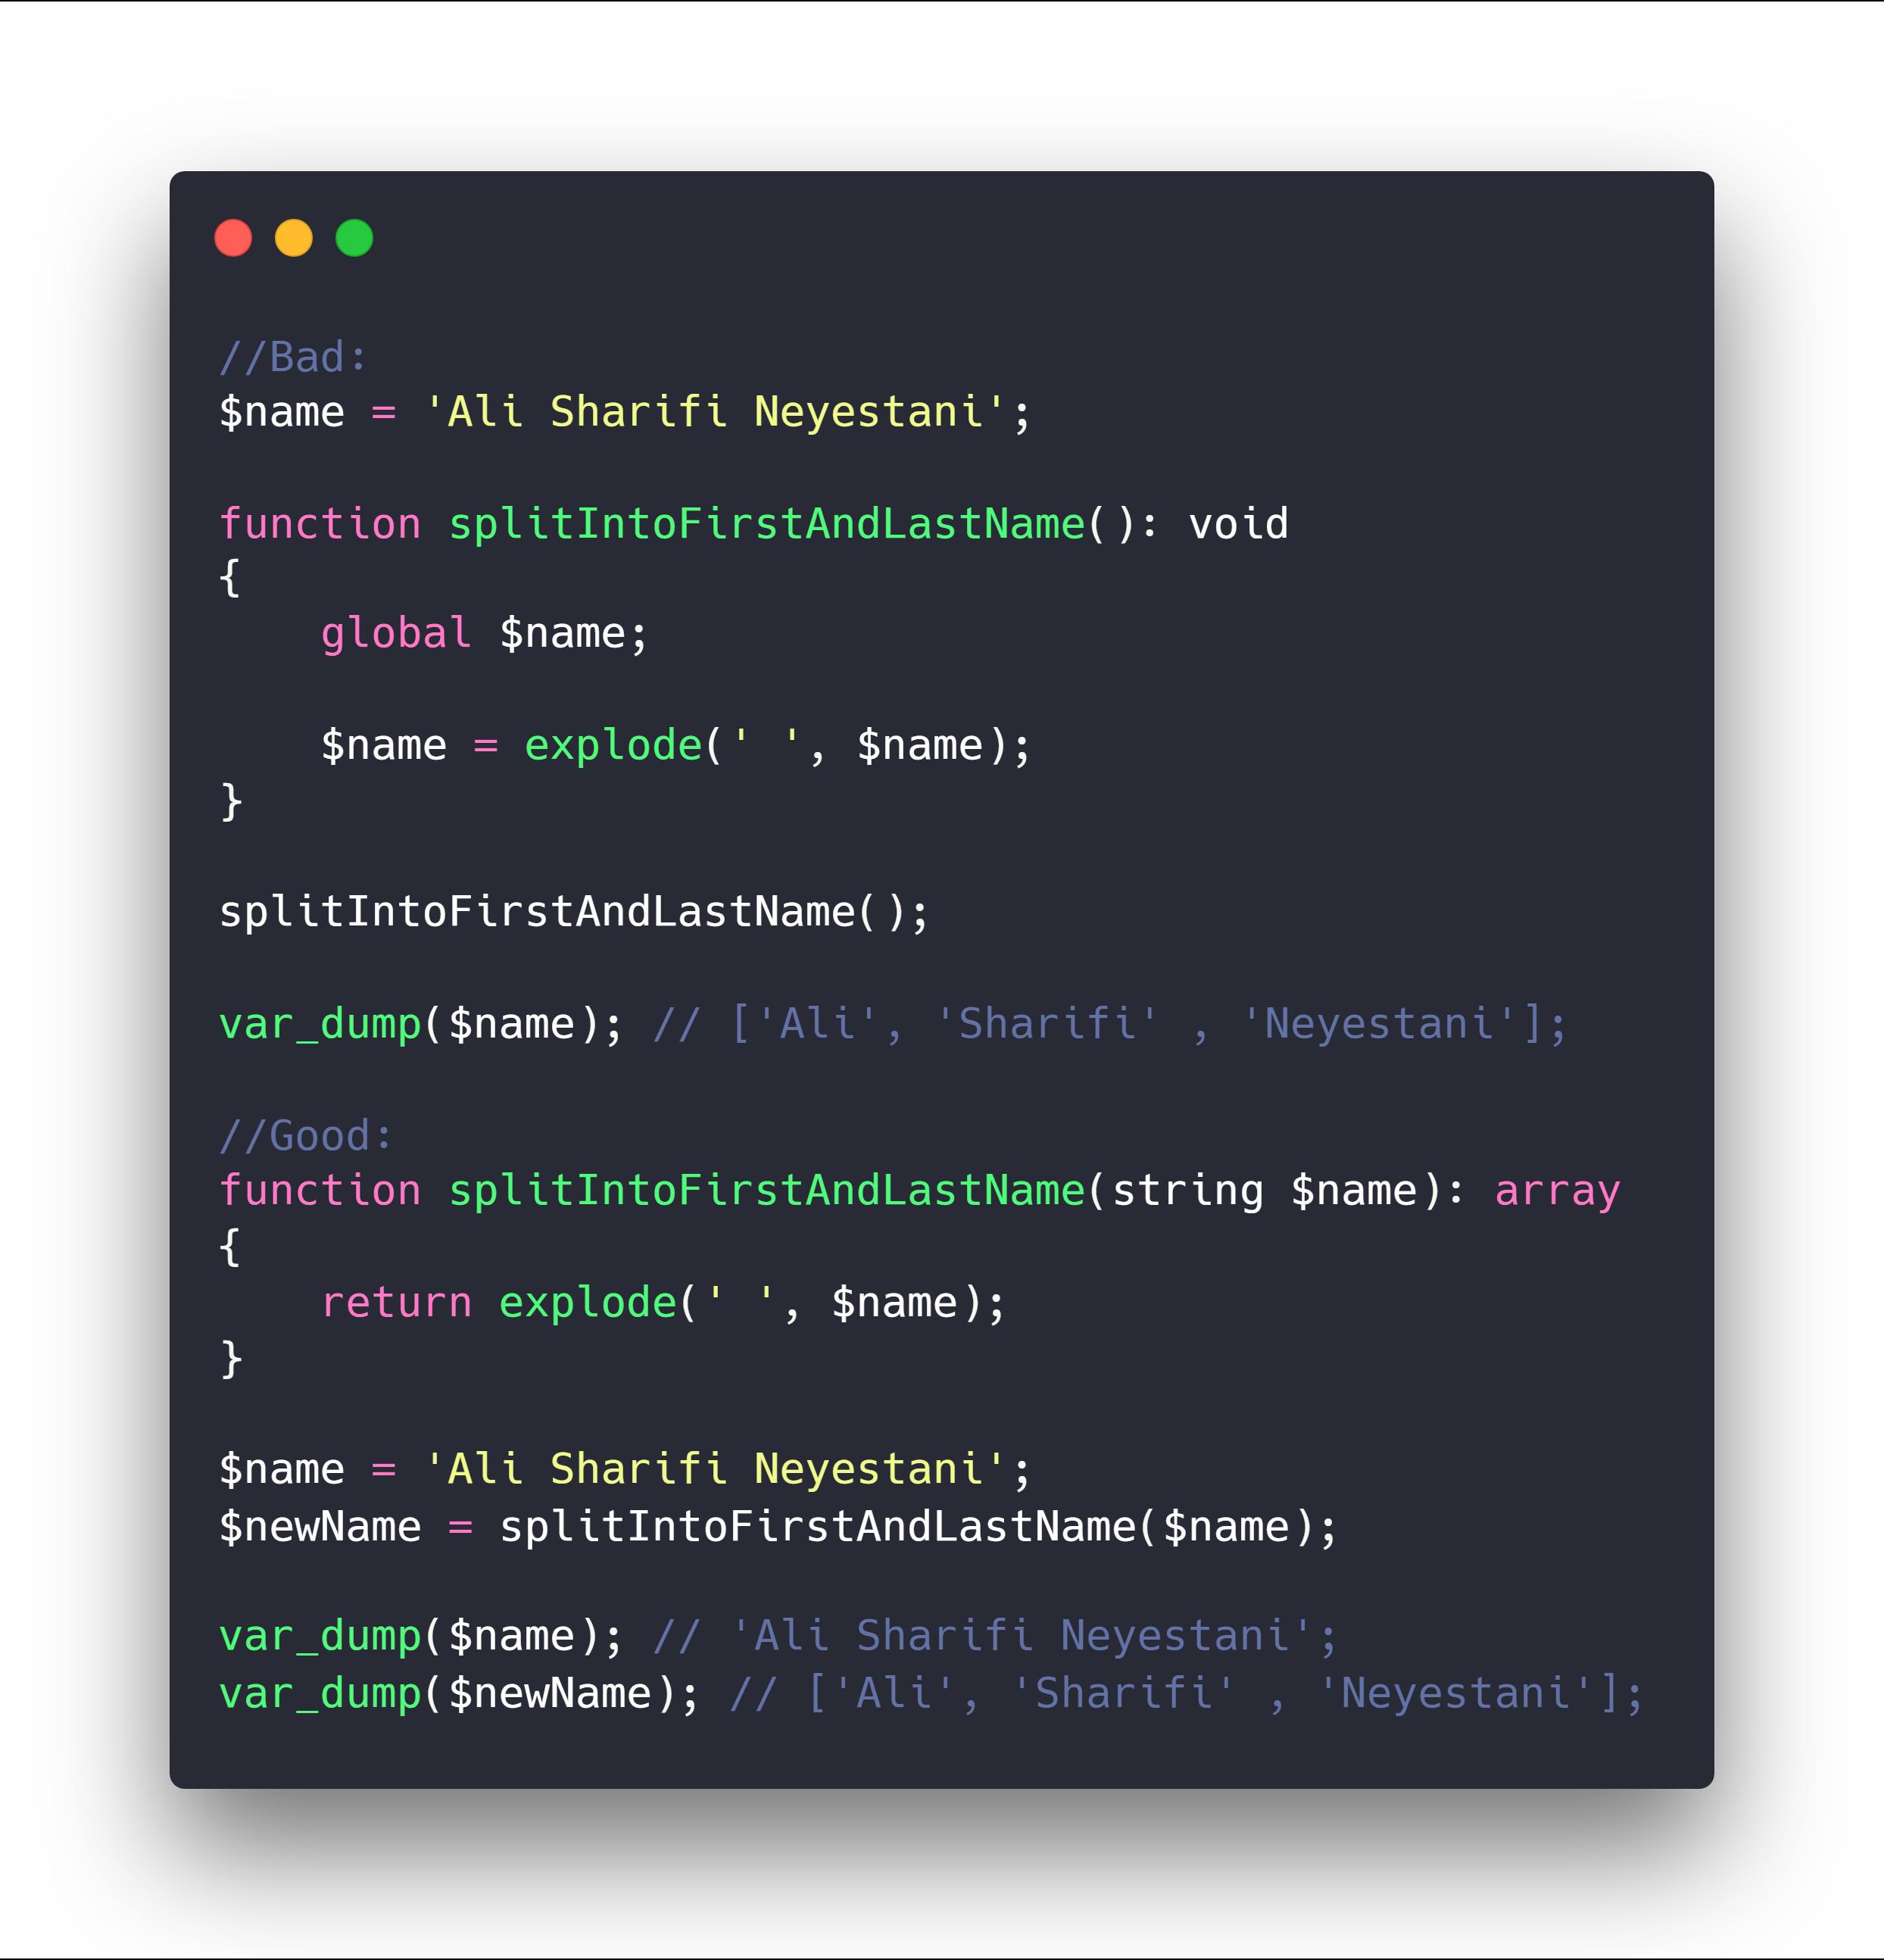 در مثال اول اگر تابع دیگری داشته باشیم که از متغیر name استفاده نماید. انتظار پارامتری را دارد که string است در صورتی که یک آرایه تحویل میگیرد